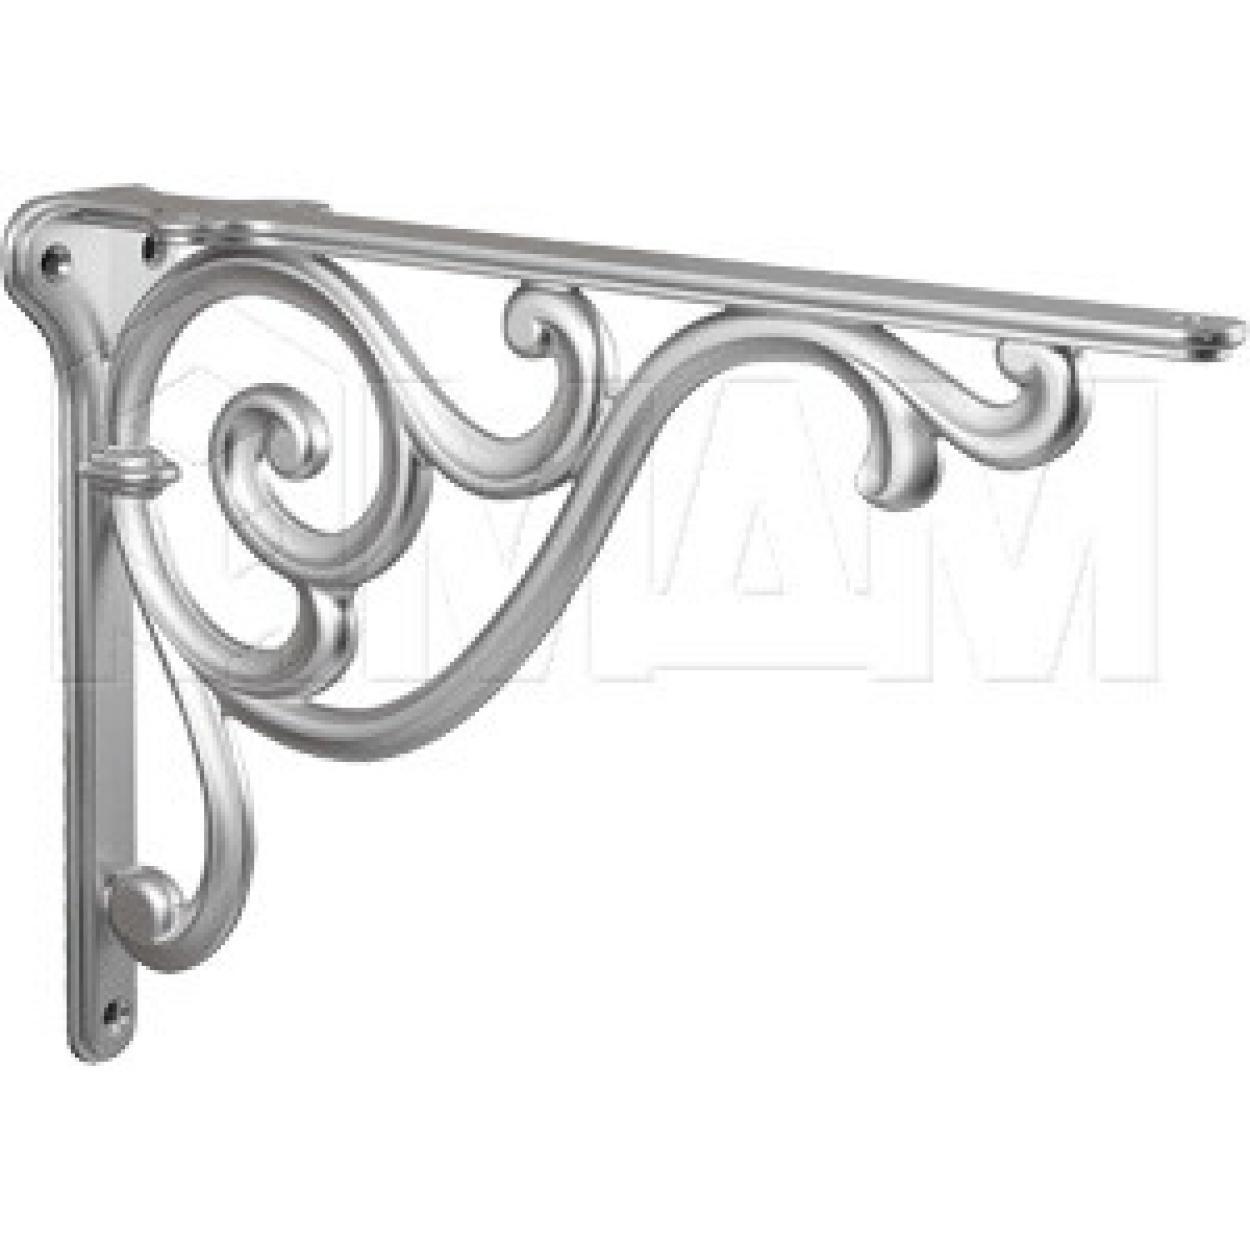 ROME Менсолодержатель для деревянных полок L-250 мм, серебро Ноттингем